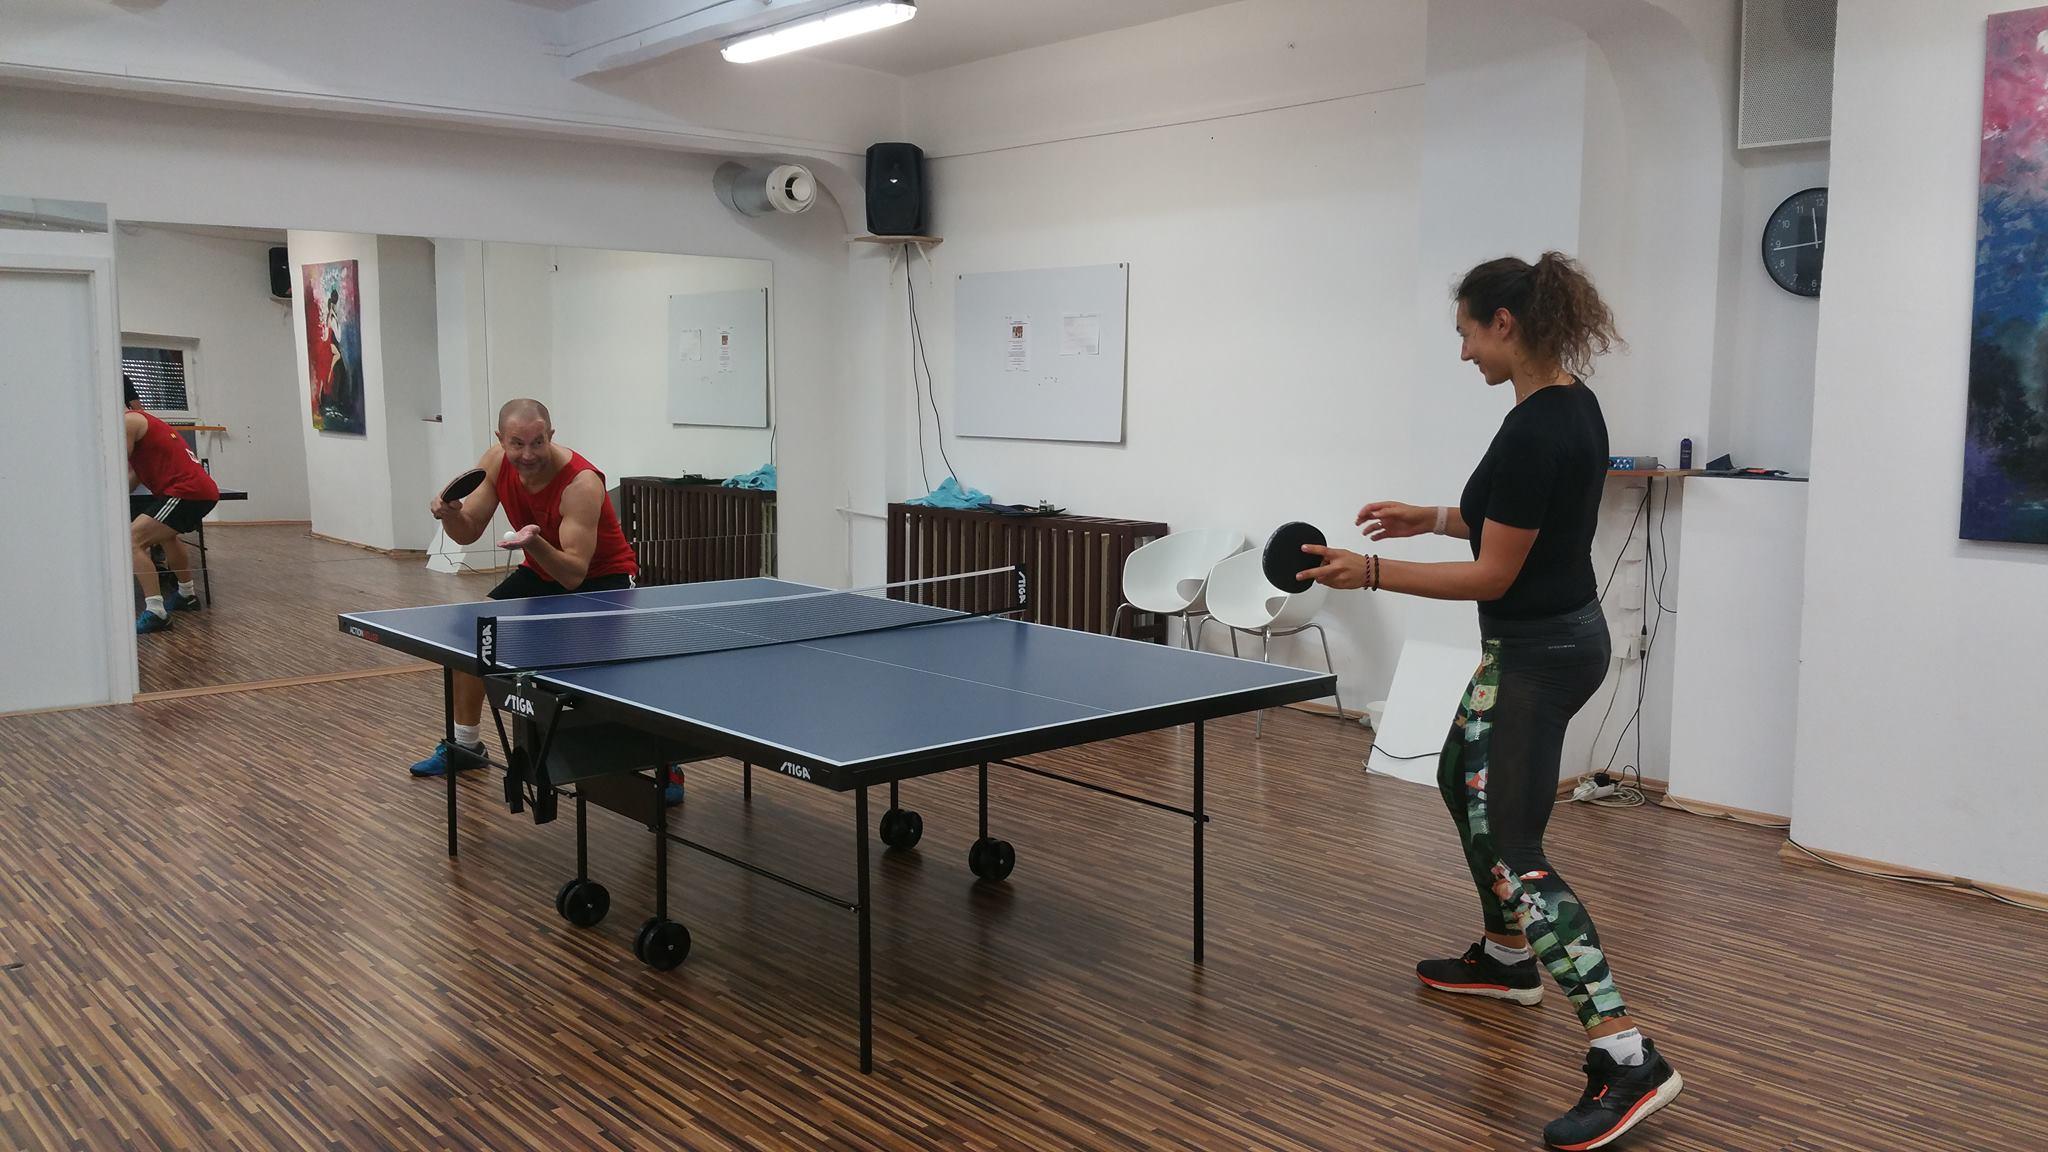 Ping-pong01